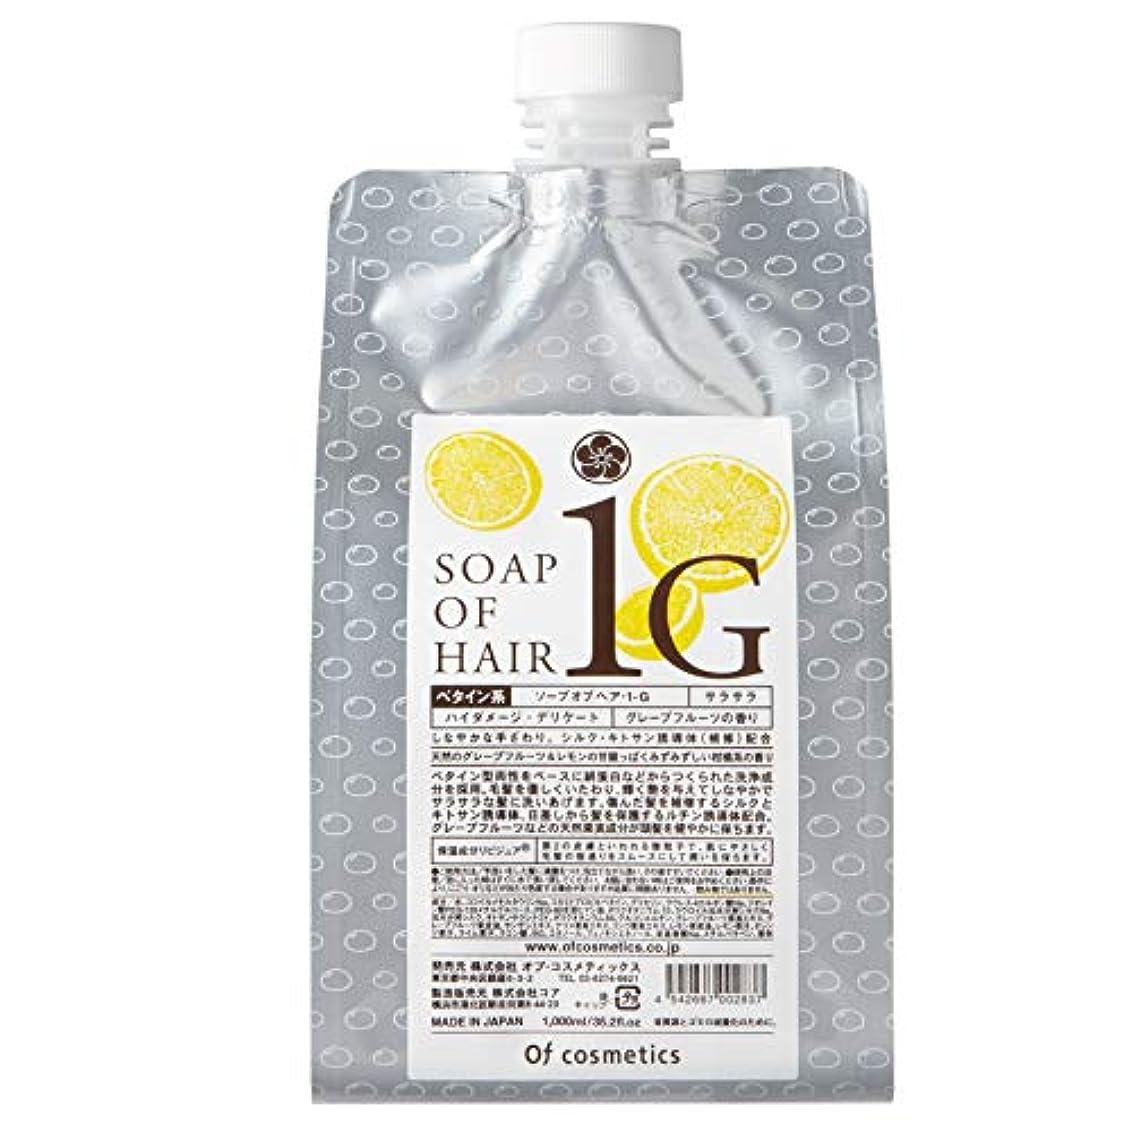 オブ?コスメティックス ソープオブヘア?1-G エコサイズ (グレープフルーツの香り) 1000ml